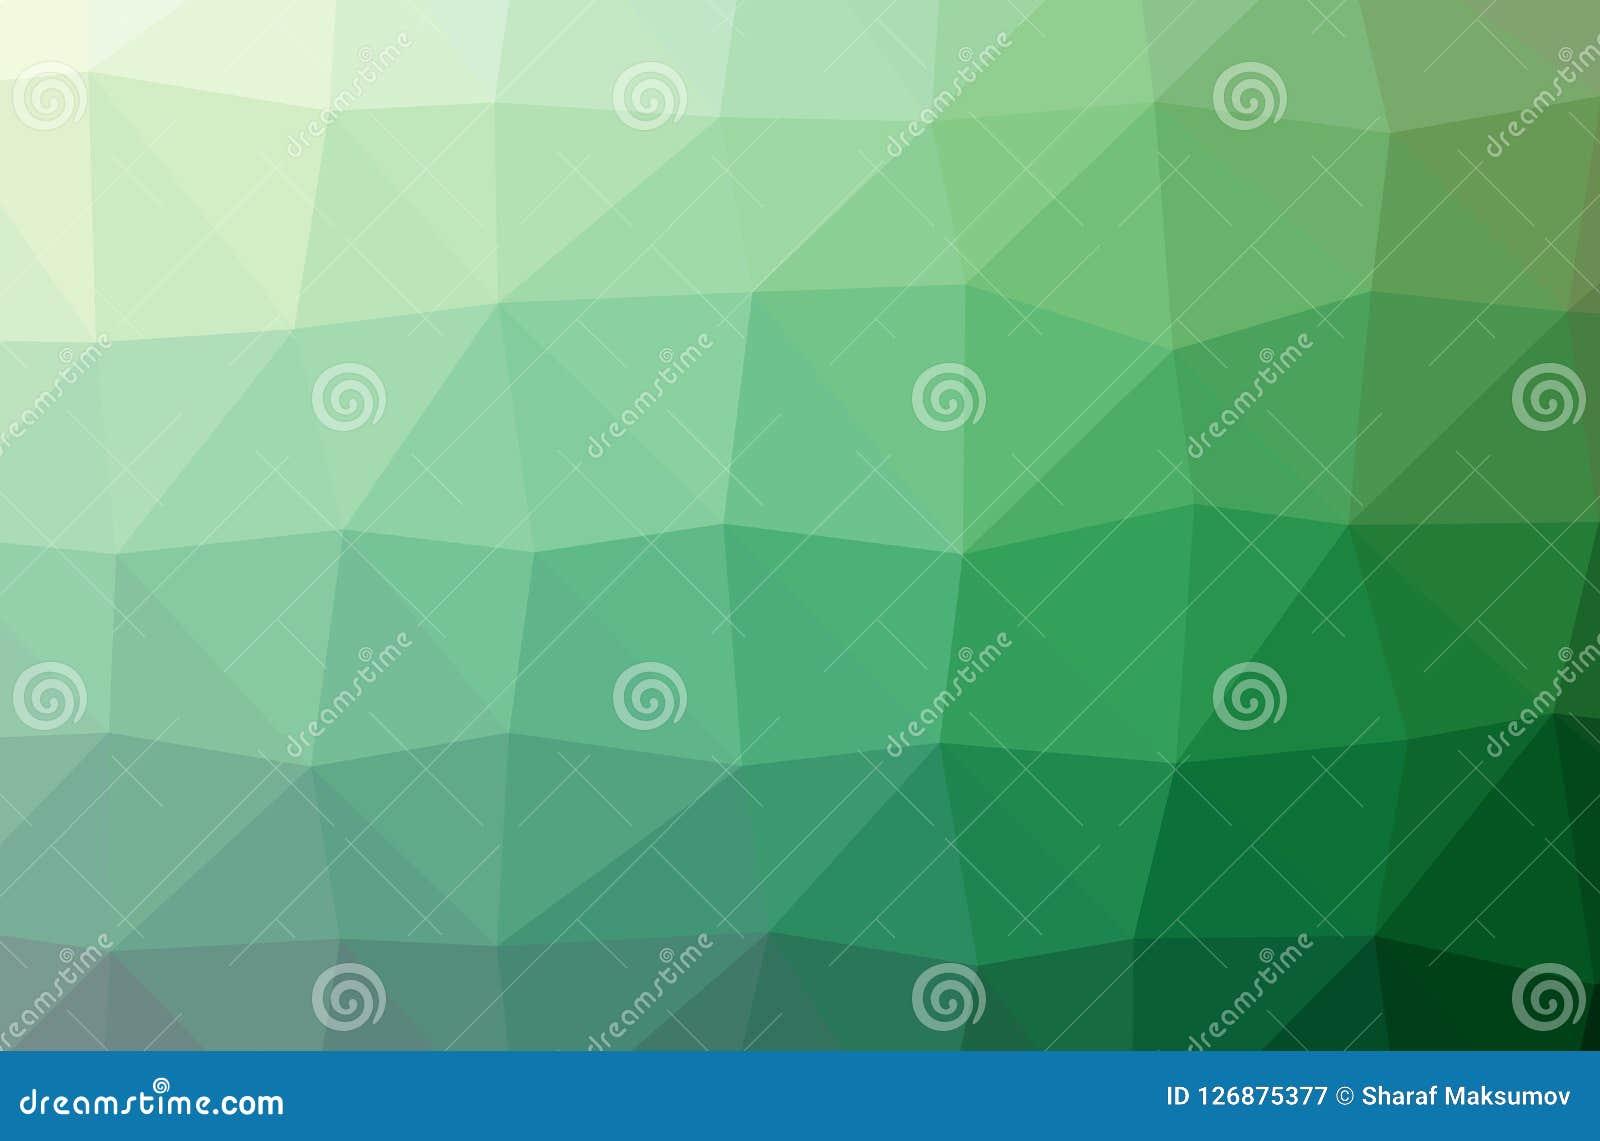 Ilustração do baixo fundo multicolorido agradável poli abstrato verde